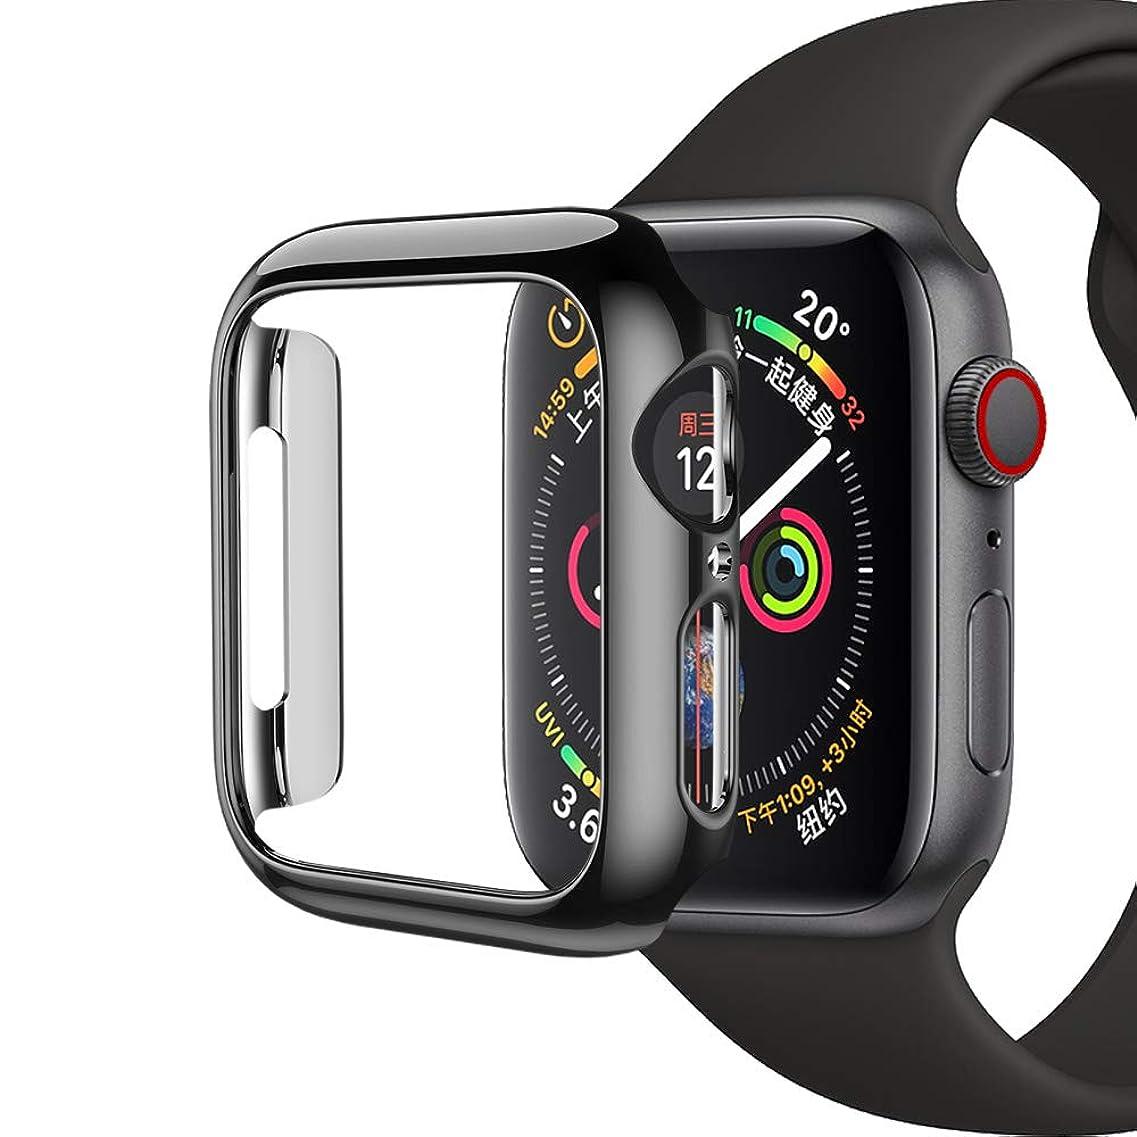 に賛成プラスチックメイトPINHEN Apple Watch Series 4専用 保護ケース アップルウォッチシリーズ4 TPU+PC材質 メッキ加工 保護カバー 軽量 脱着簡単 耐衝撃 Apple Watch4に対応 40mm/44mmケース (40MM, PC黒)